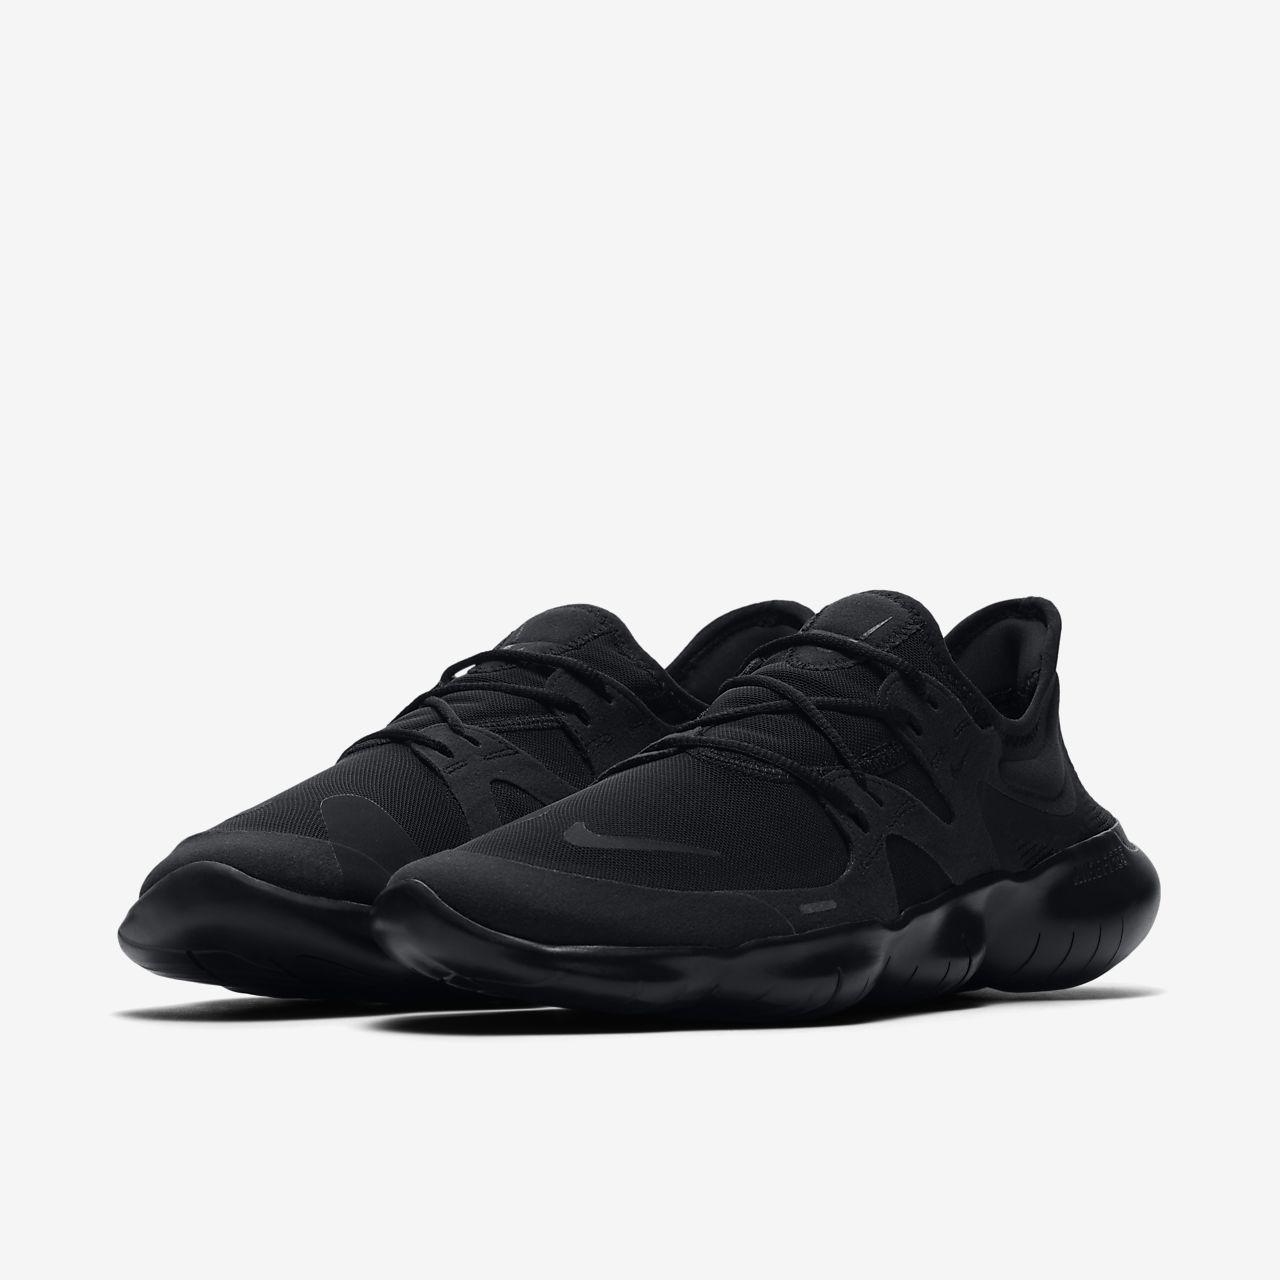 0a00a1e7764df Nike Free RN 5.0 Men's Running Shoe. Nike.com